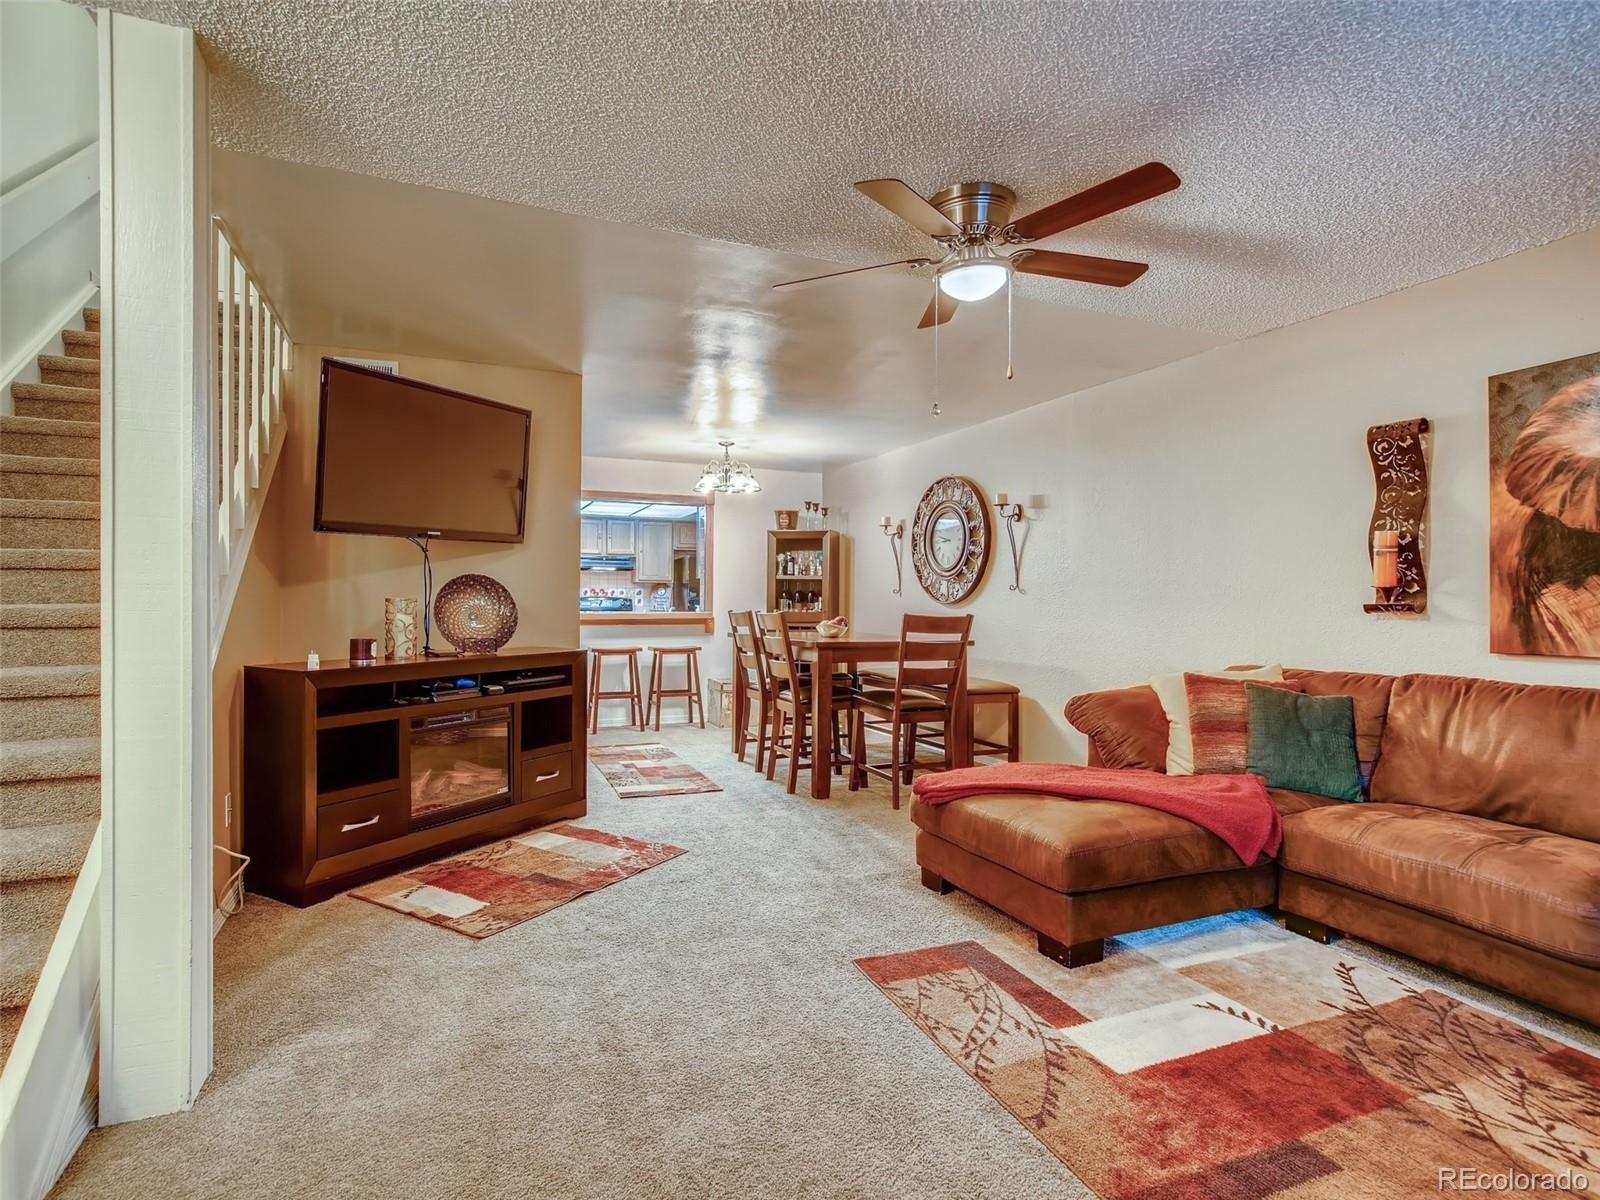 MLS# 4573563 - 2 - 3550 S Harlan Street #157, Denver, CO 80235